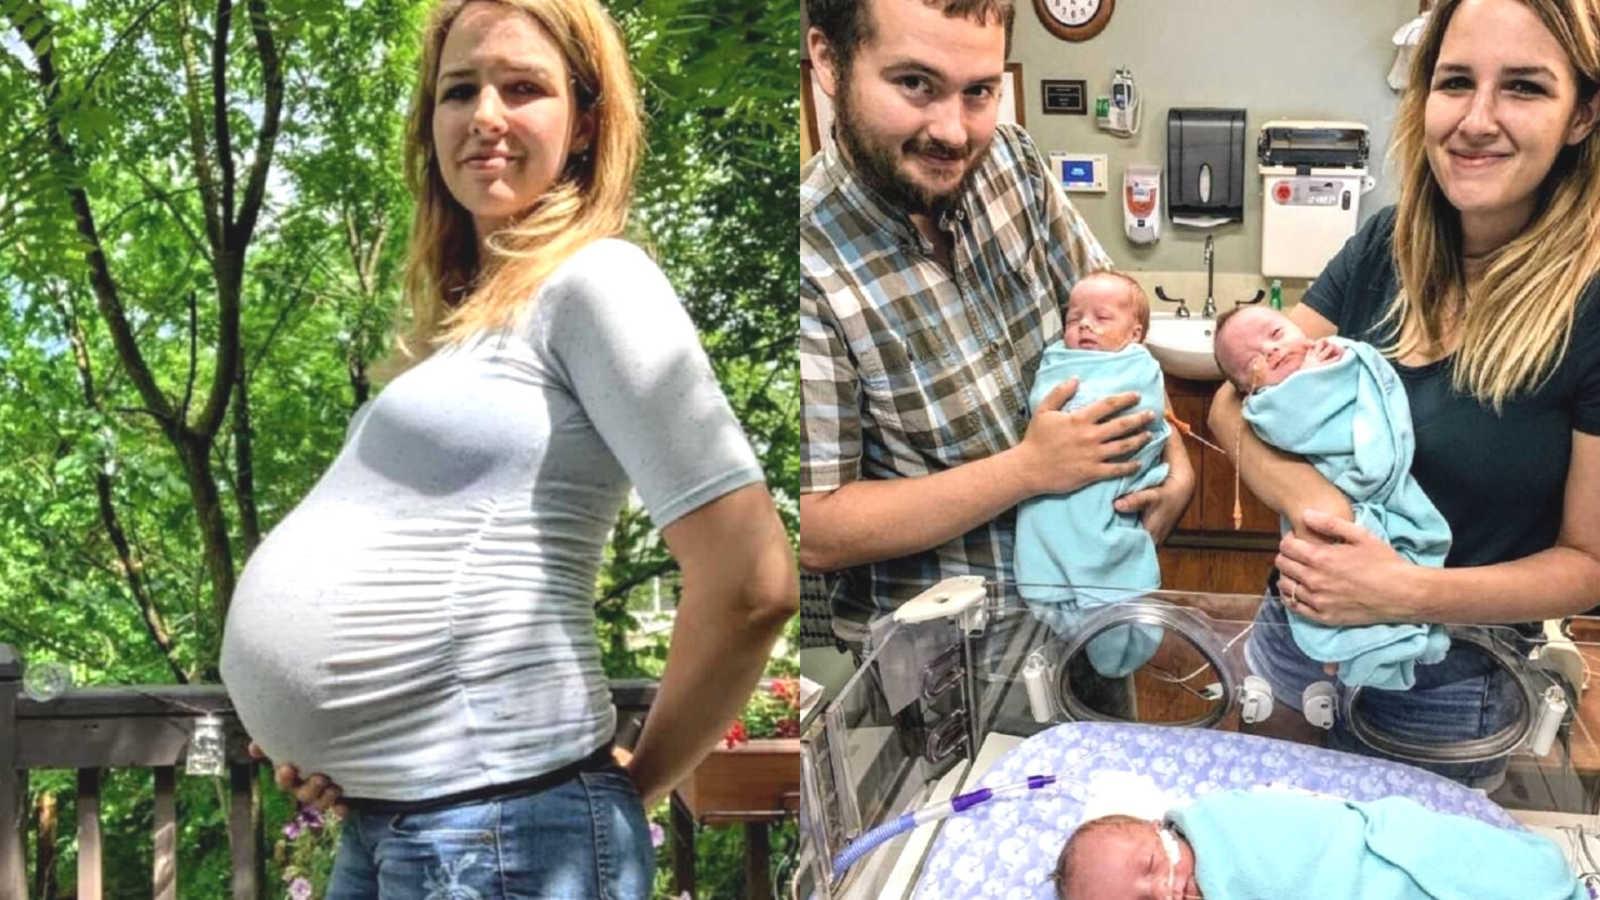 Mamă la 29 de ani cu 5 copii. Patru dintre ei sunt născuți în același timp